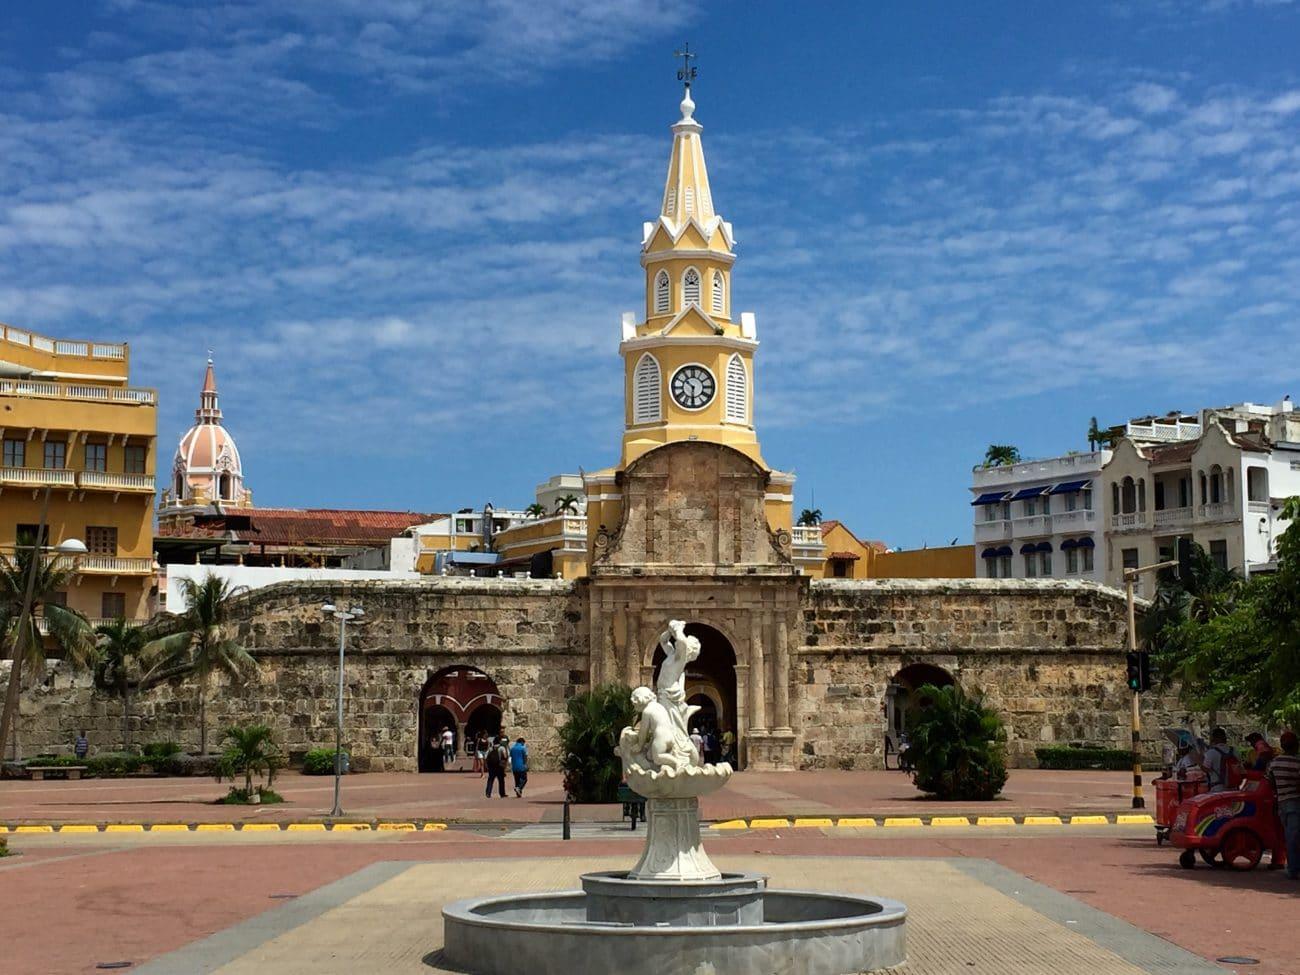 Job-Auszeit_Kolumbien_Cartagena